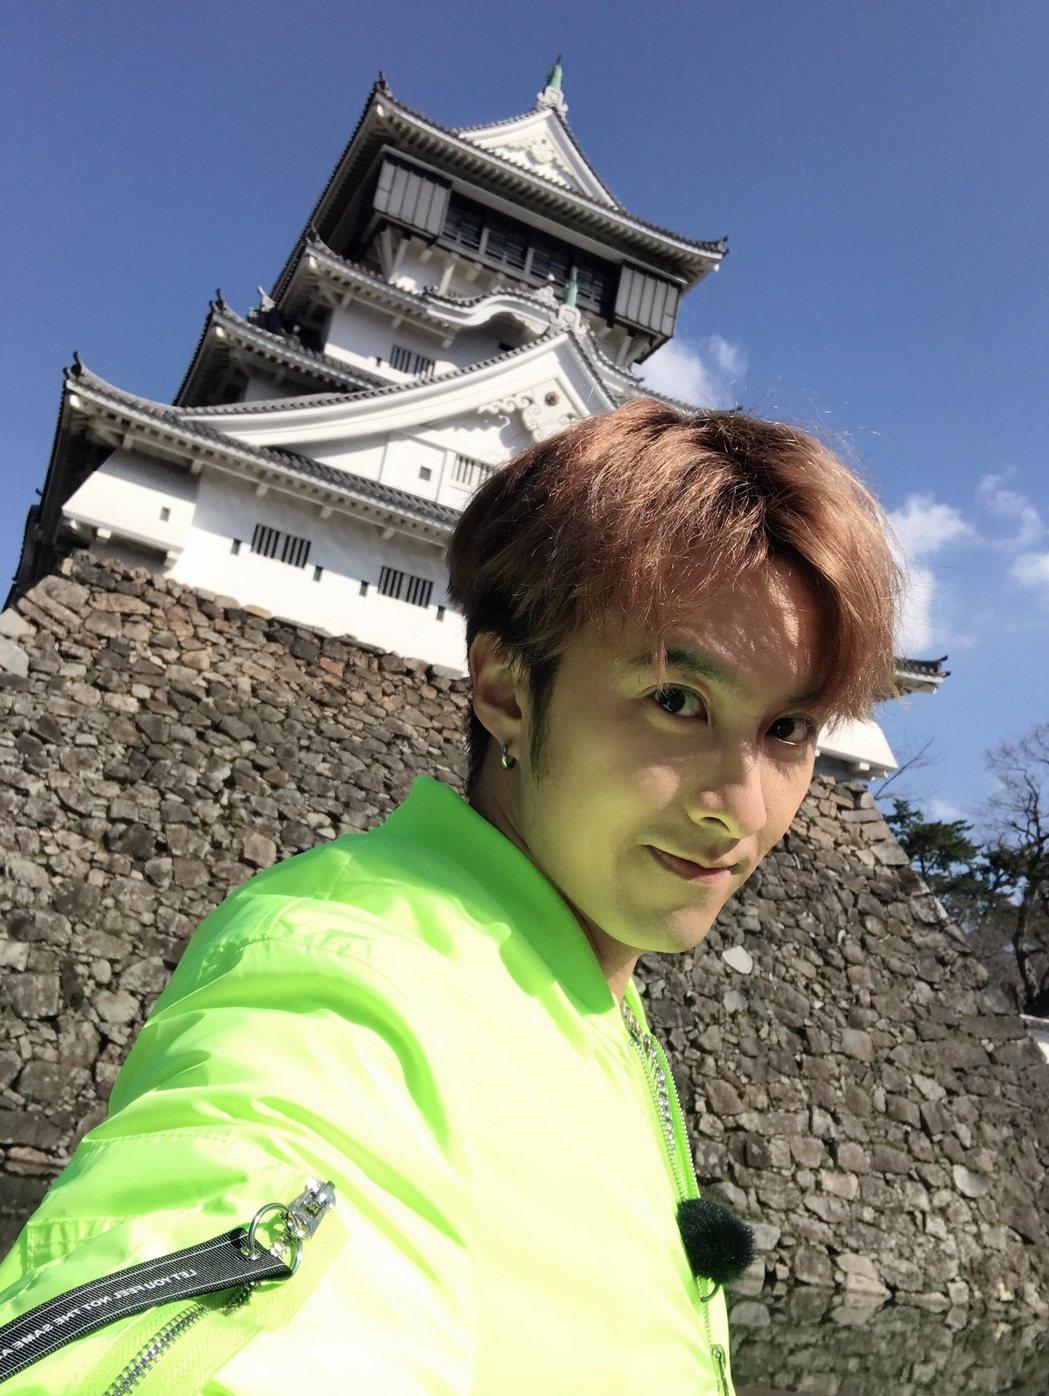 張雁名受邀擔任日本北九州觀光推廣員,日前赴小倉城拍攝影片。圖/伊林娛樂提供